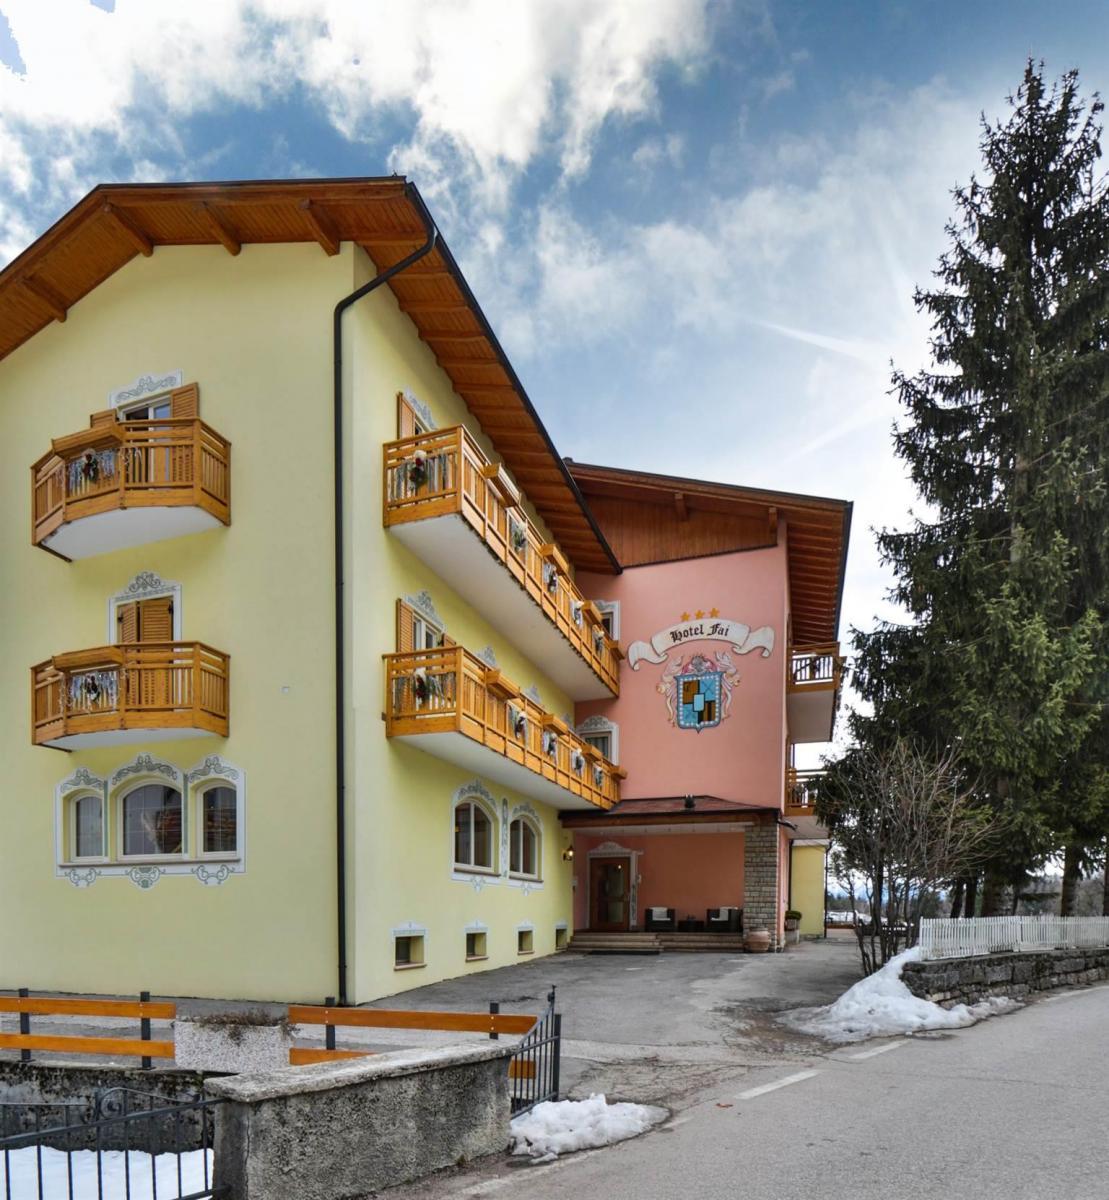 Hotel_Fai_Fai_della_Paganella